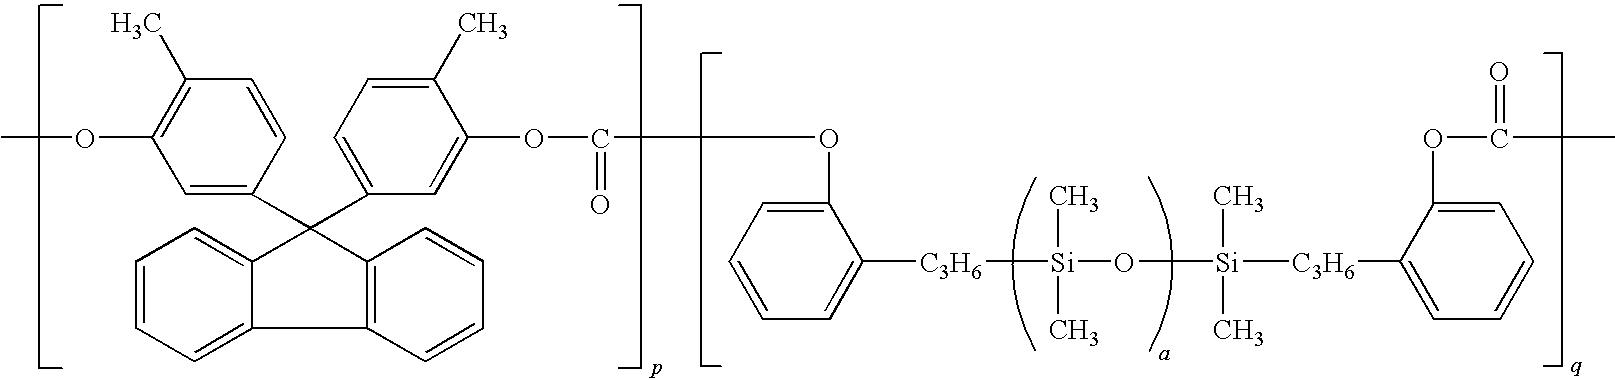 Figure US07943278-20110517-C00021